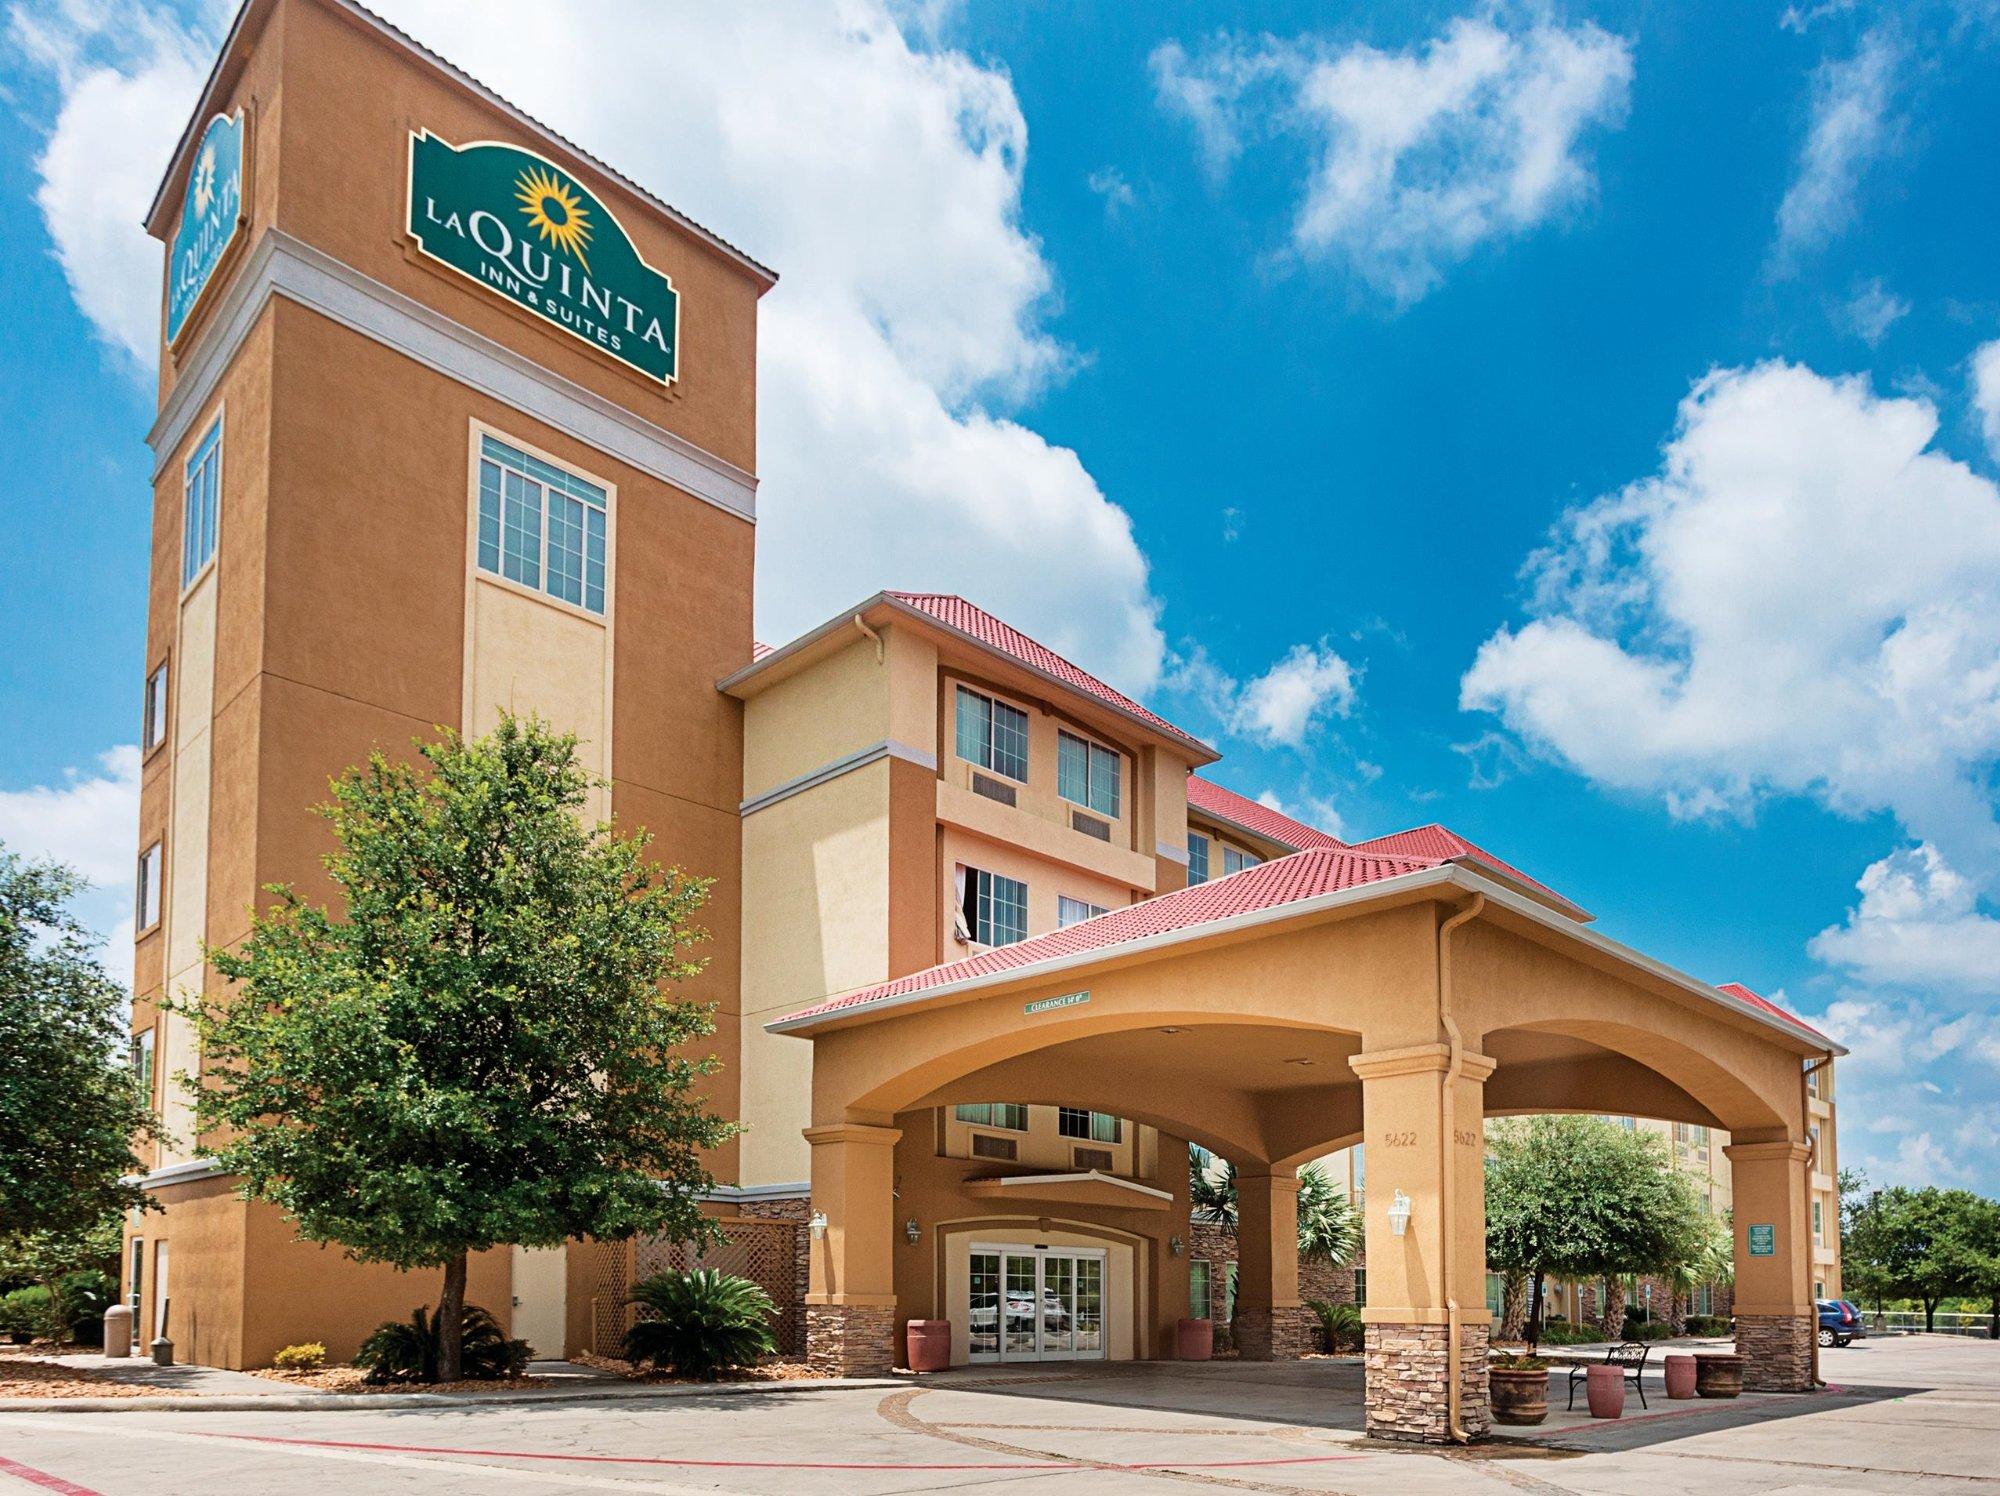 德克薩斯州聖安東尼奧嘉年華拉昆塔套房飯店